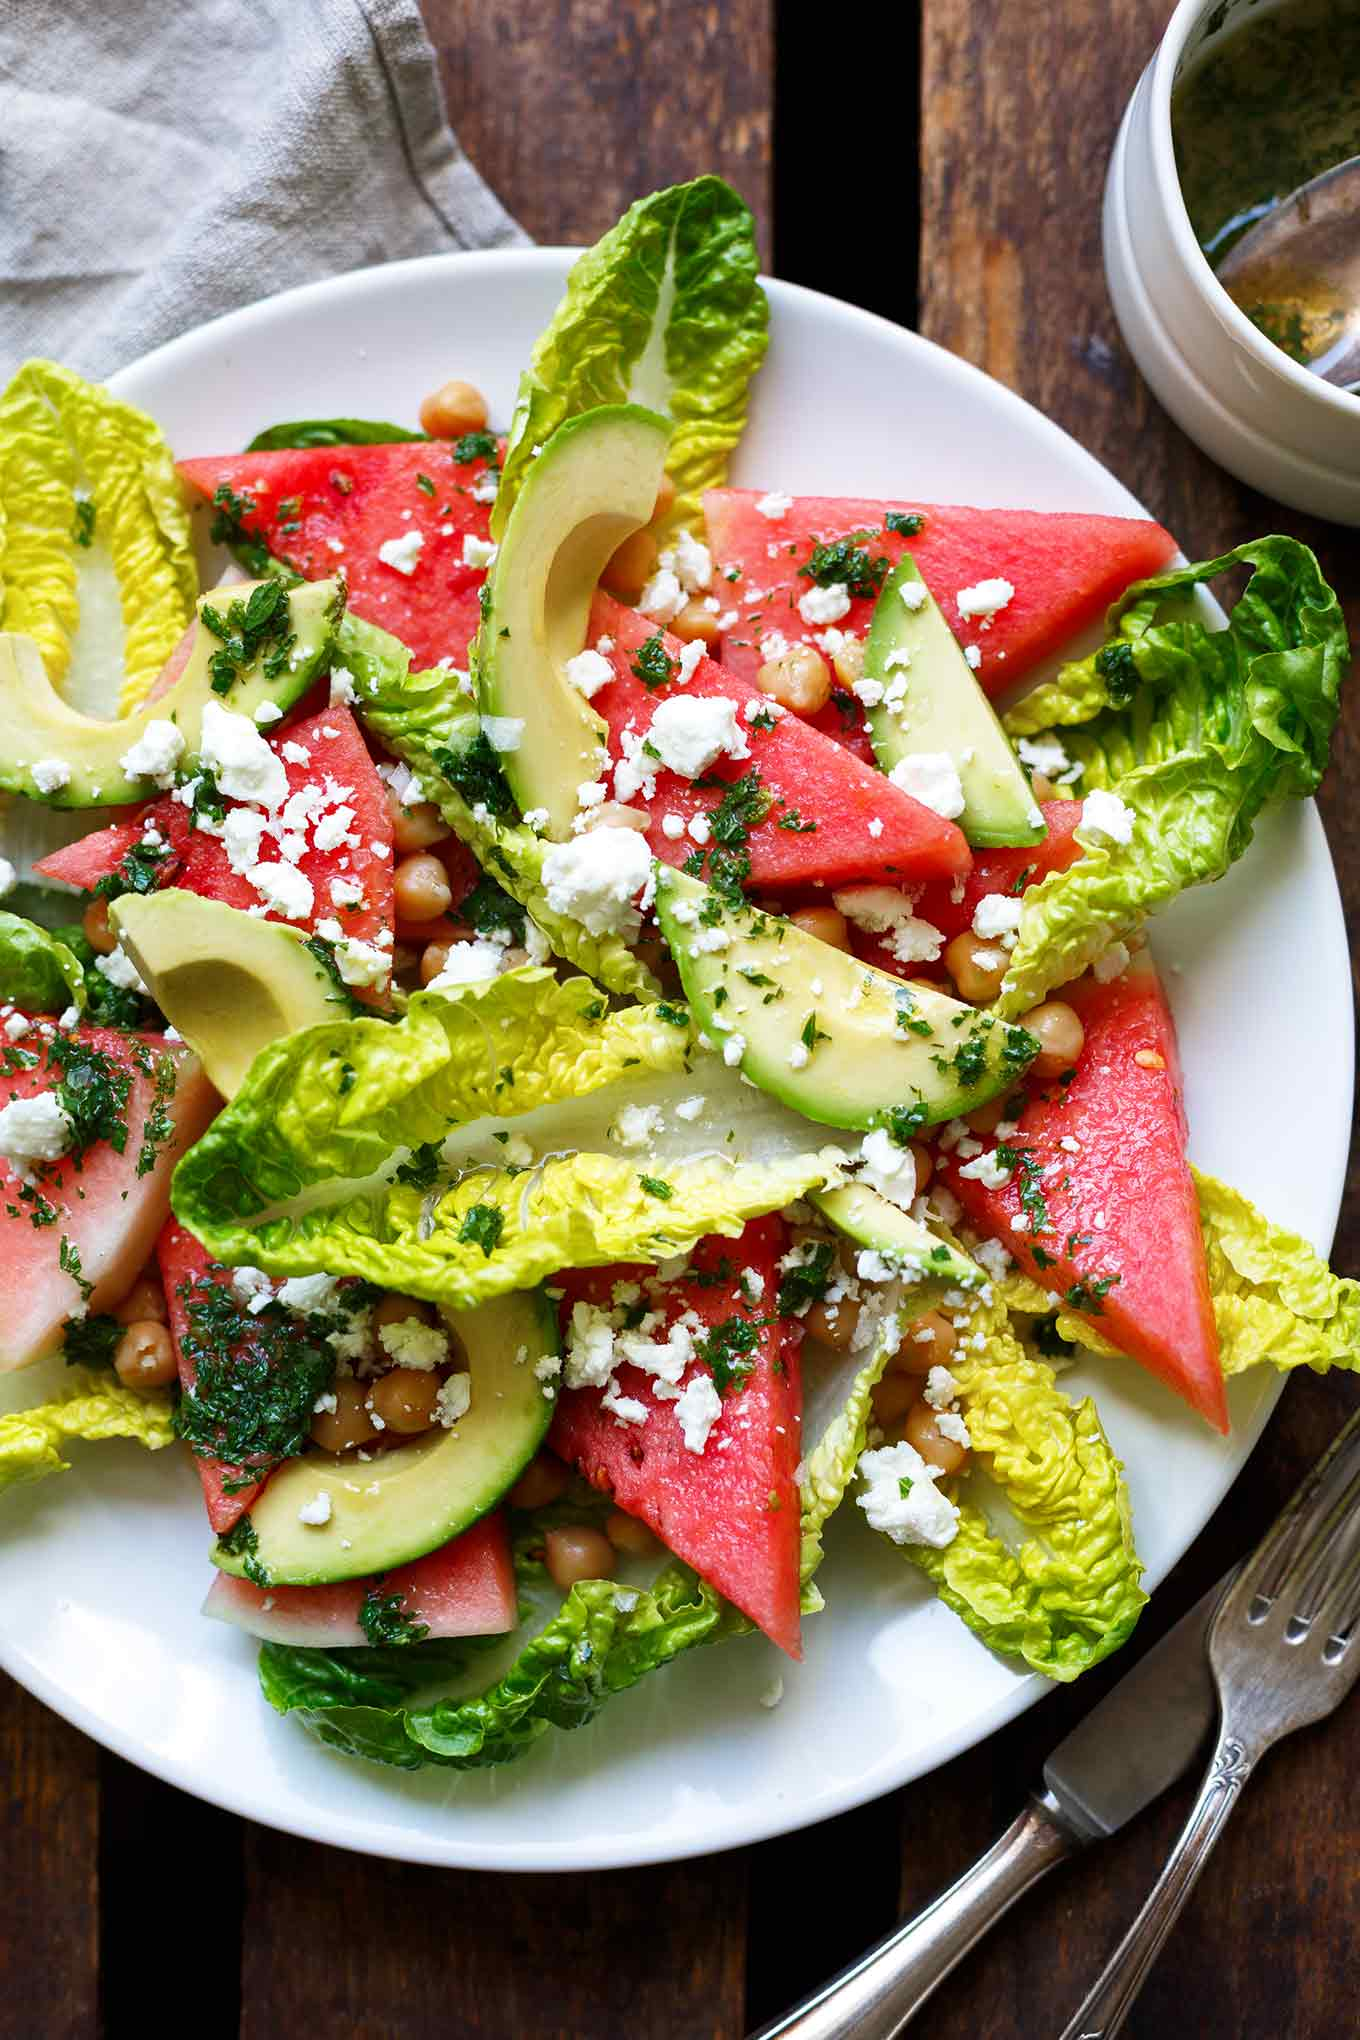 Wassermelonen-Feta-Salat mit Minze und Avocado. Dieses Rezept ist einfach und perfekt für heiße Sommertage! - Kochkarussell.com #sommer #keinelustzukochen #rezept #kochkarussell